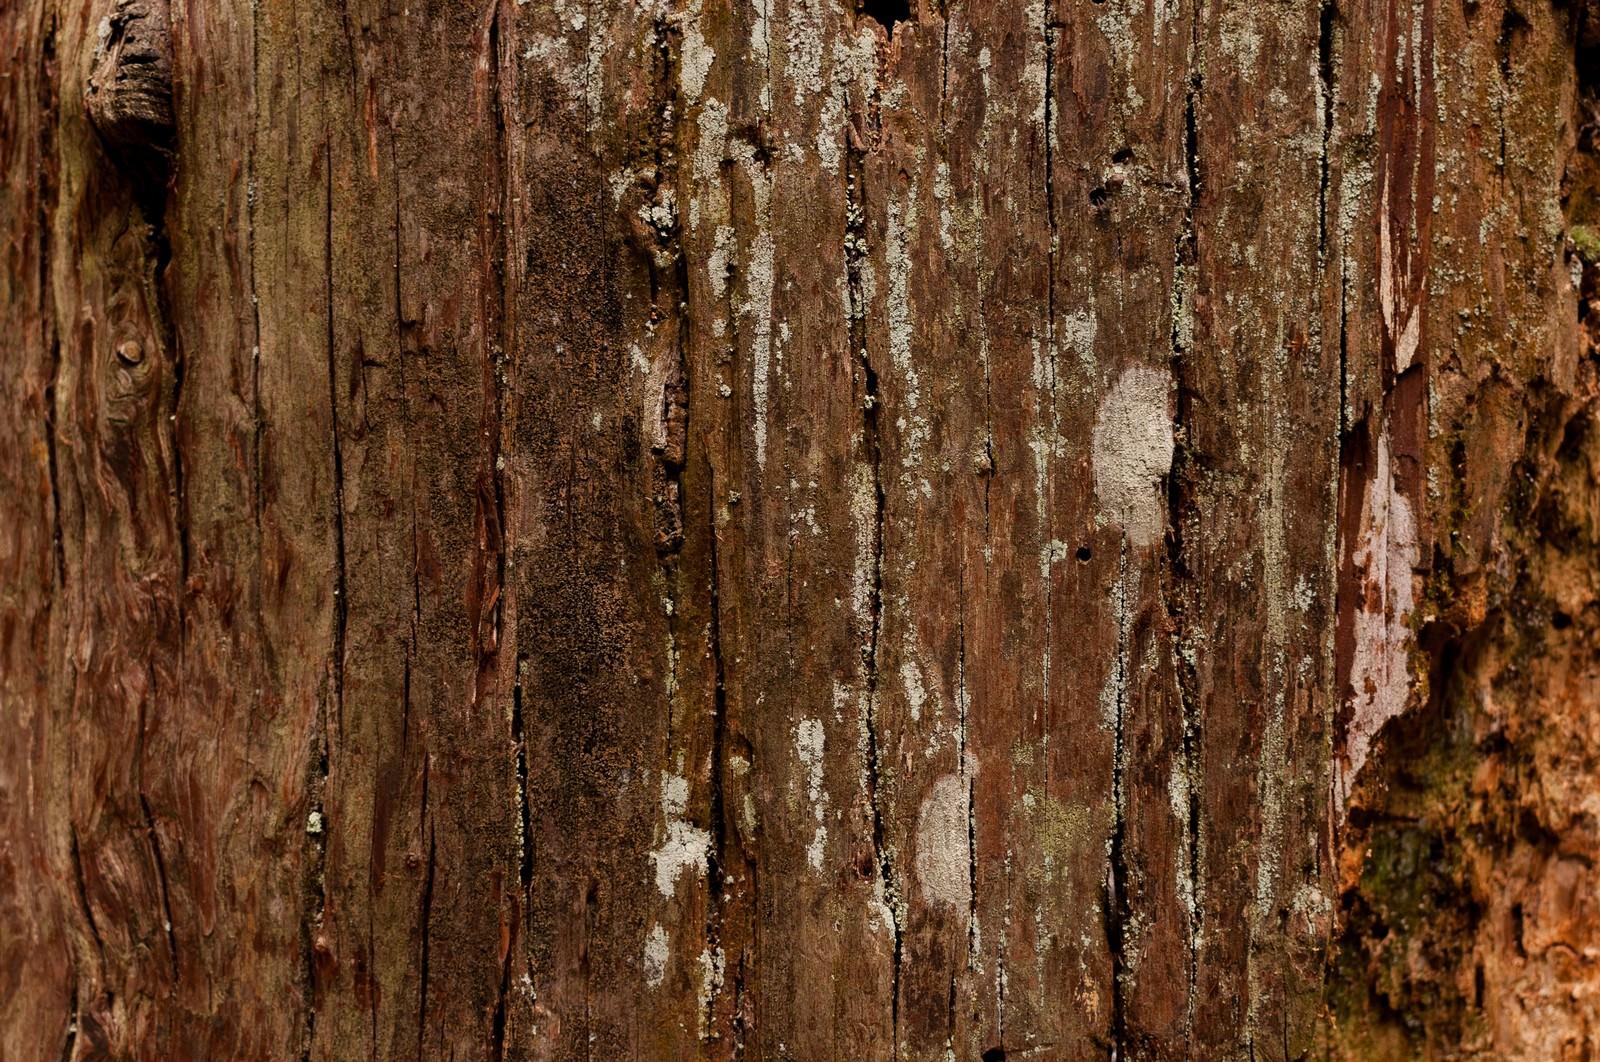 「大木の樹皮(テクスチャー)大木の樹皮(テクスチャー)」のフリー写真素材を拡大